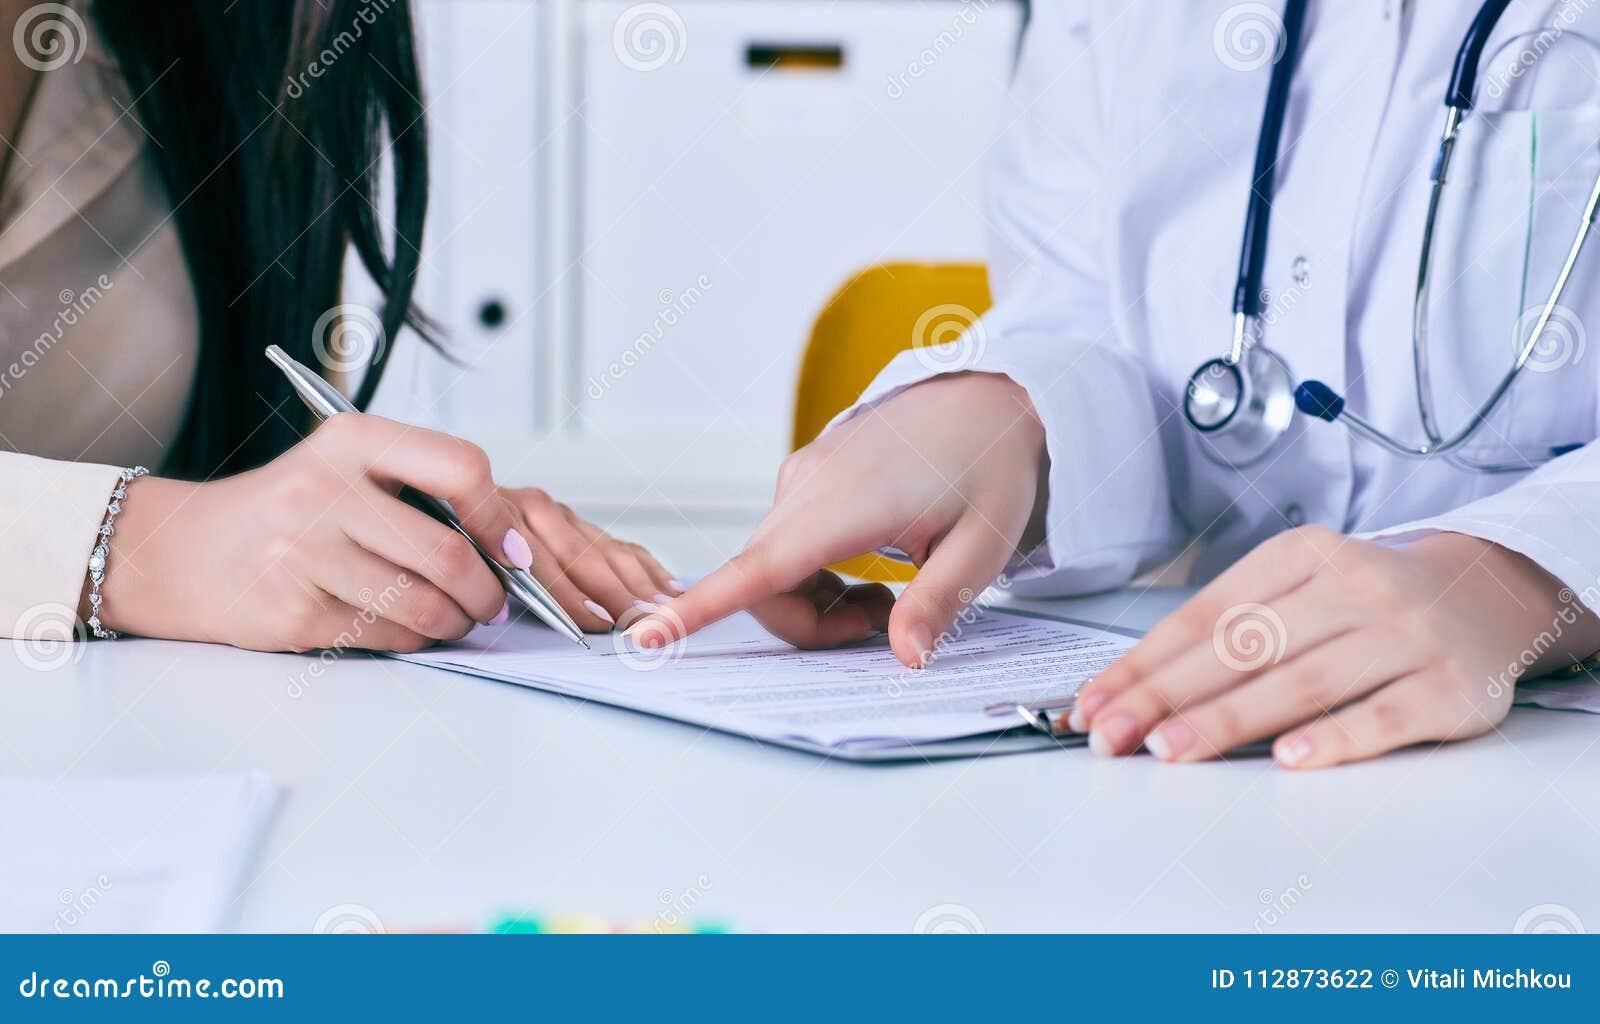 Paziente che firma contratto medico Medico femminile spiega come riempire la forma medica